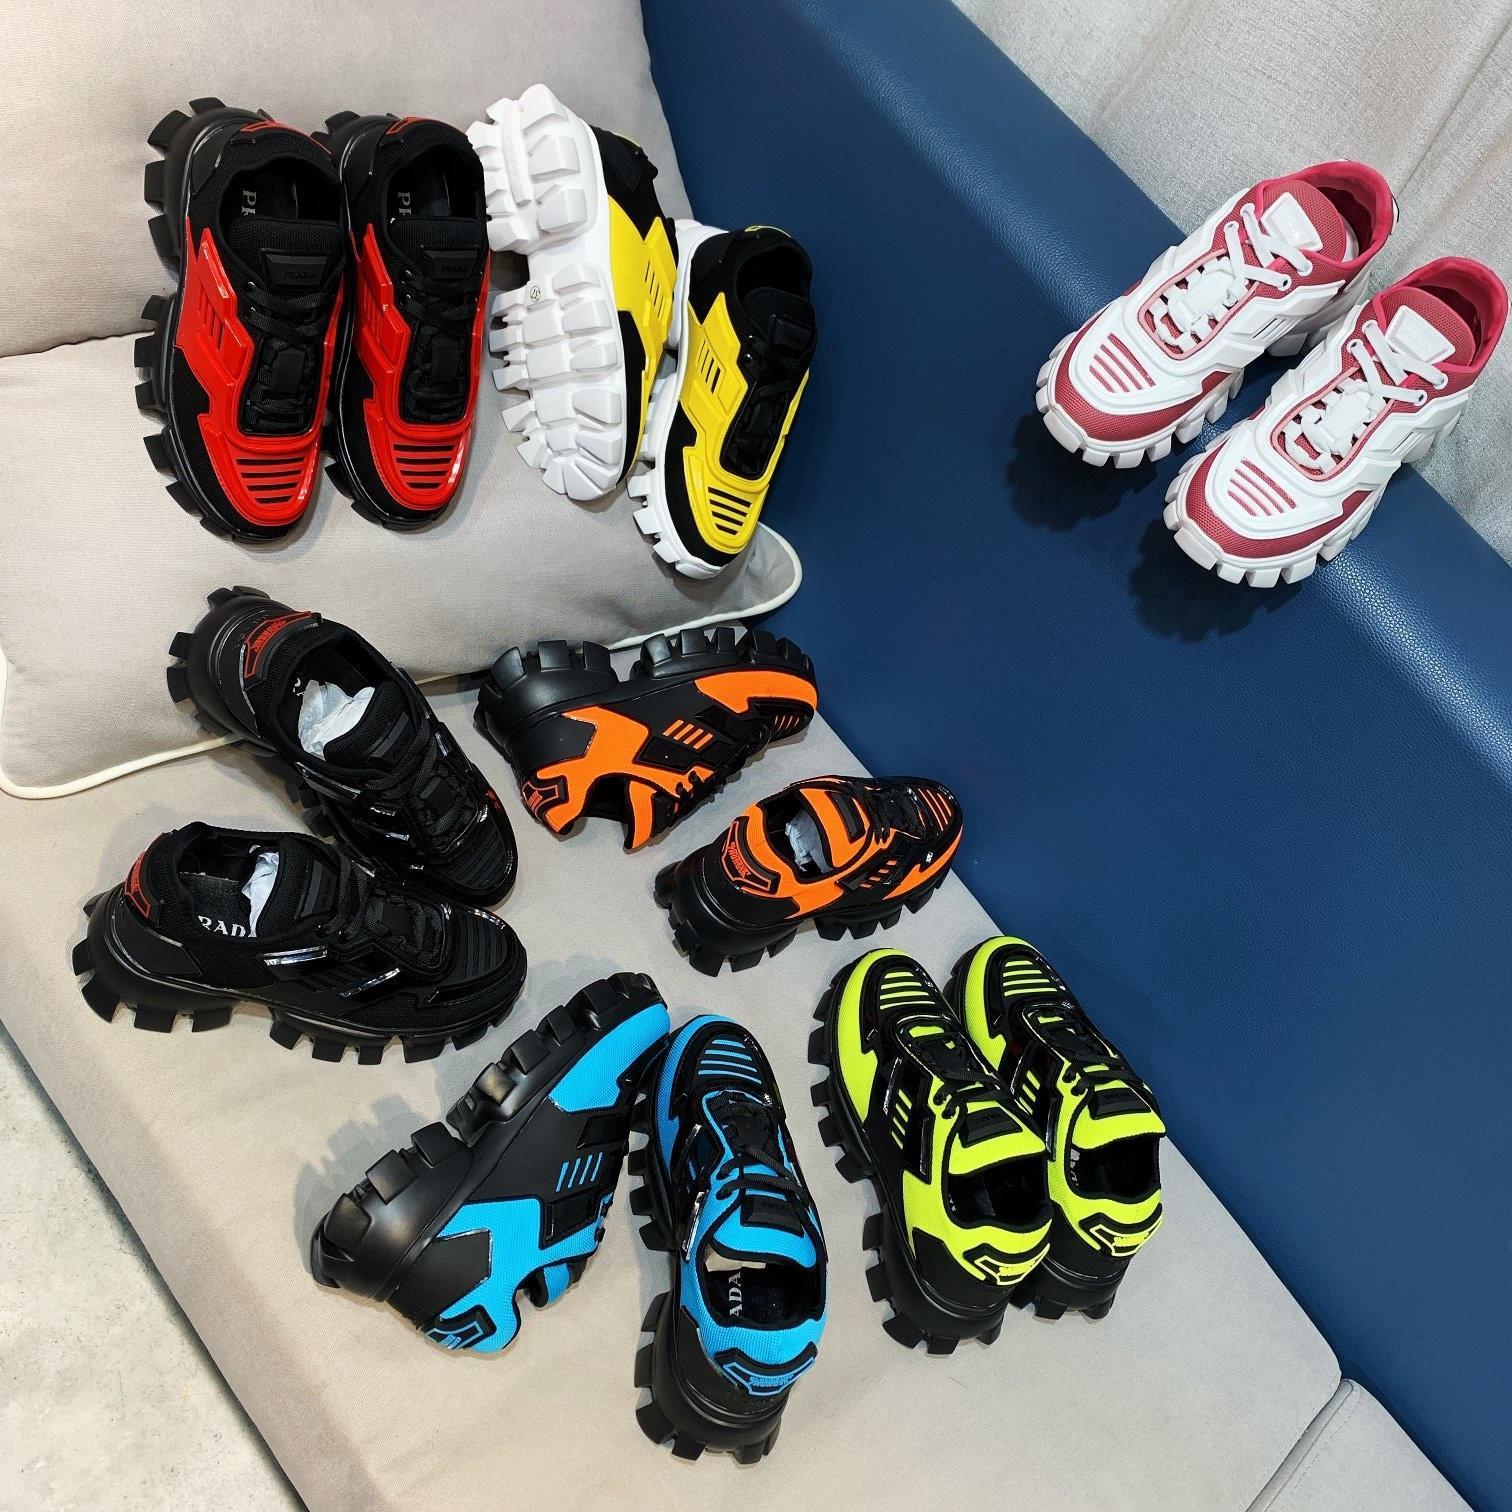 nuovo colore moda scarpe vecchie classico nero è aumentato scarpe casual con la suola spessa piattaforma antiscivolo